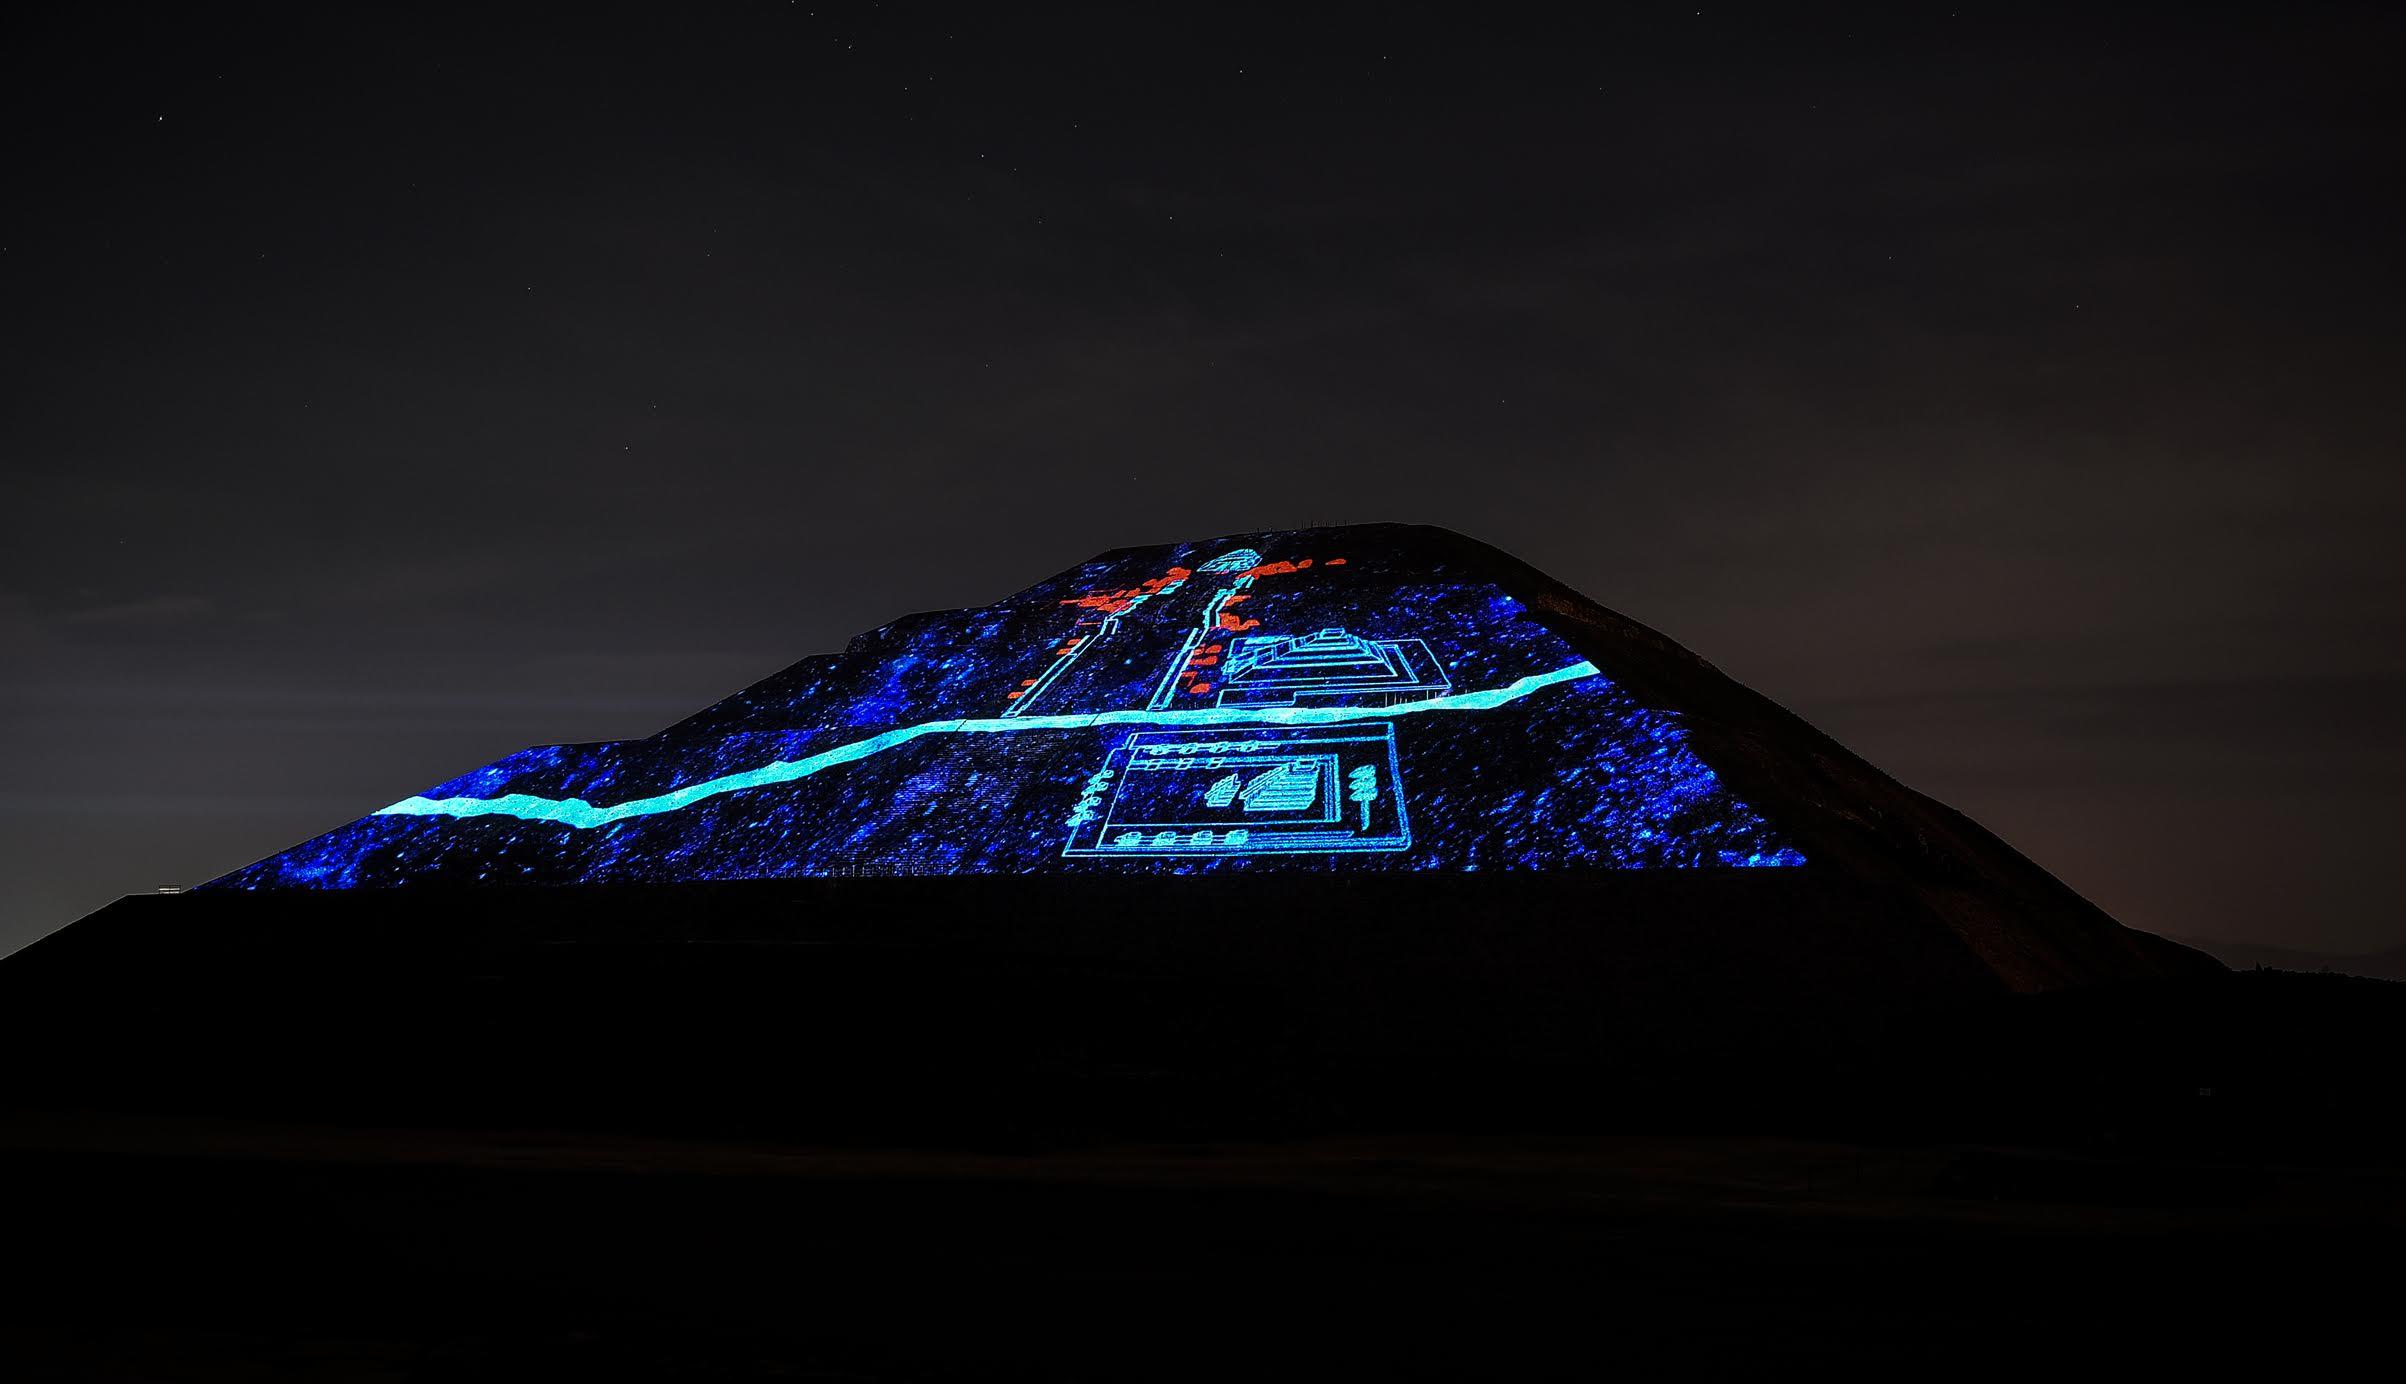 """EL espectáculo  """"Experiencia Nocturna en Teotihuacán"""" podrá ser disfrutado por los visitantes durante este periodo vacacional."""